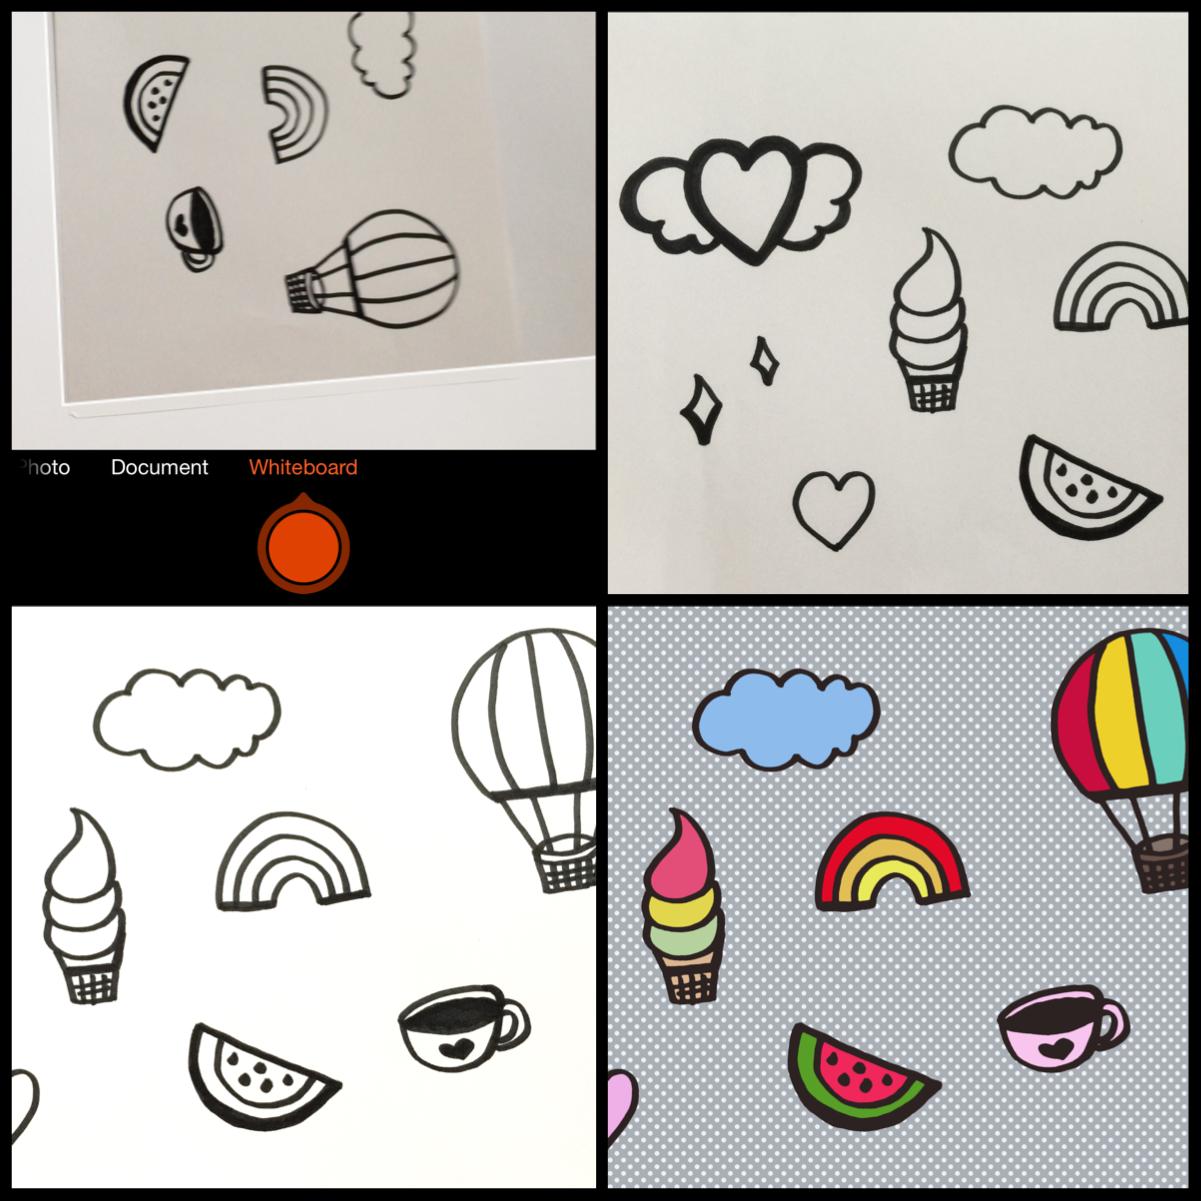 kaila sensei colored images